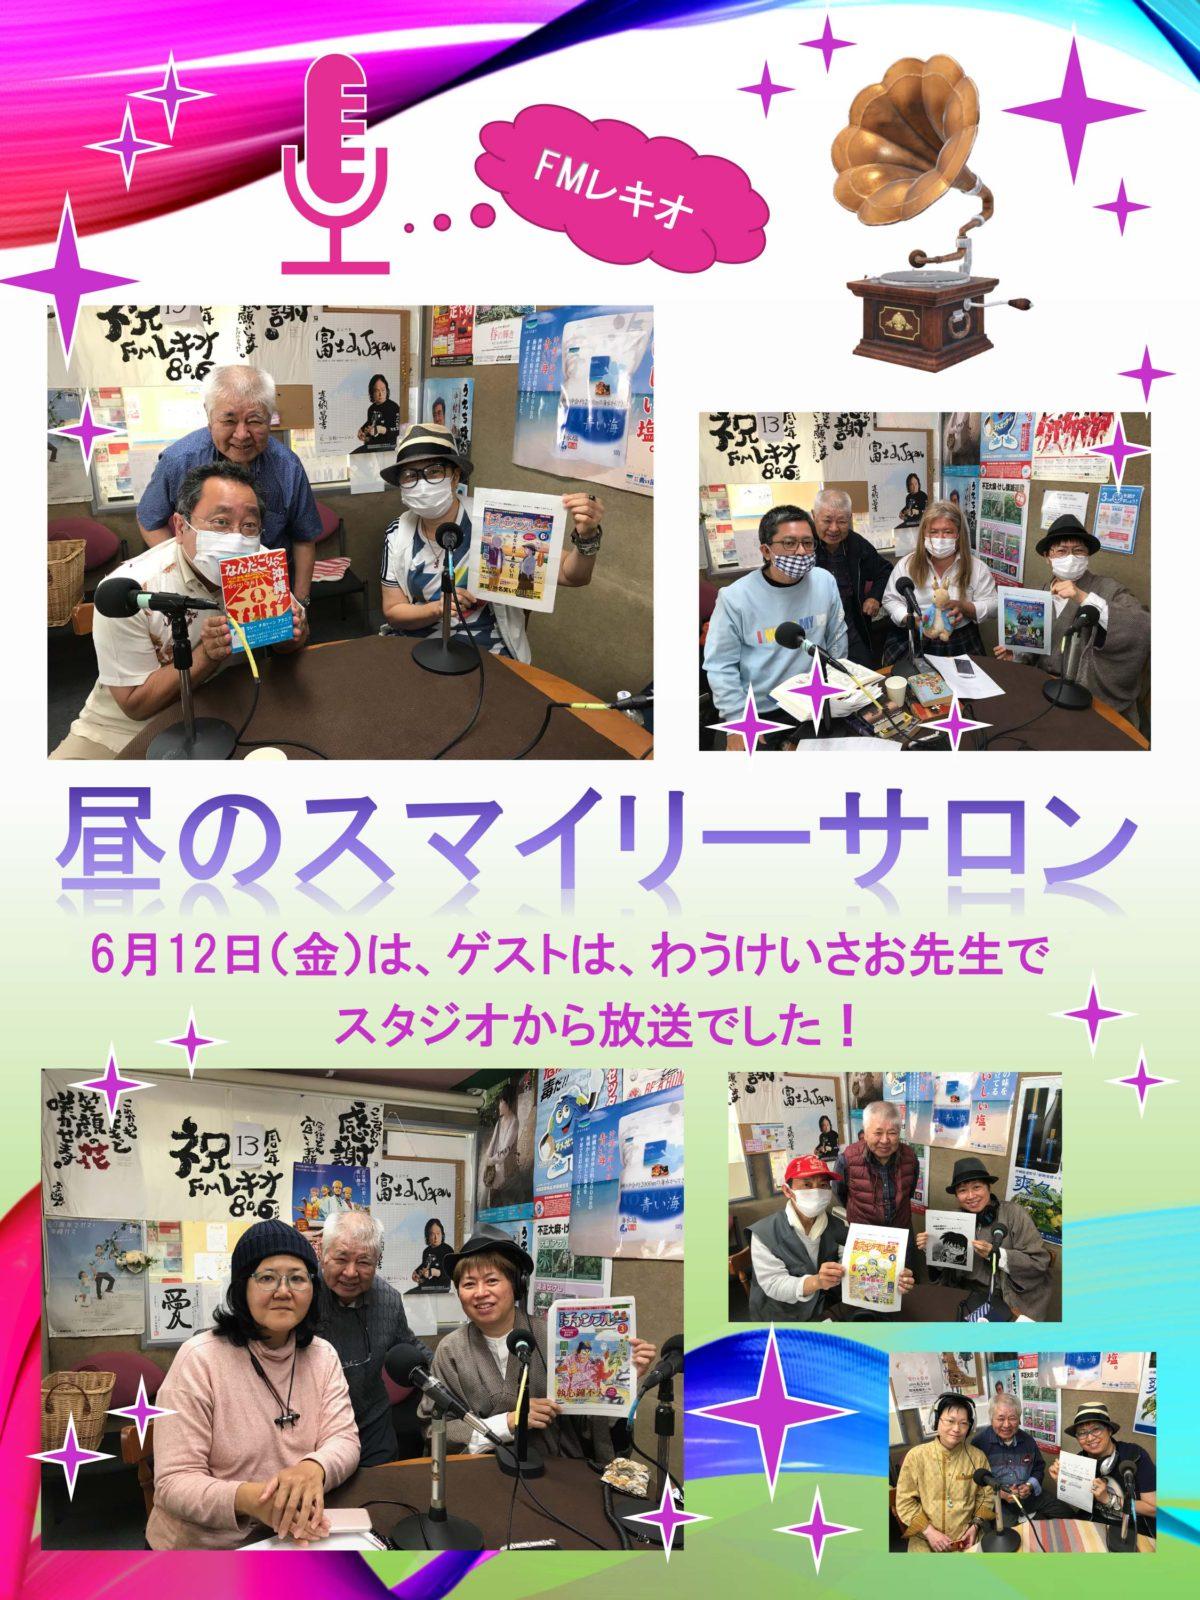 『昼のスマイリーサロン』6月12日(金)スタジオ放送 わうけいさお先生は初参加でした!